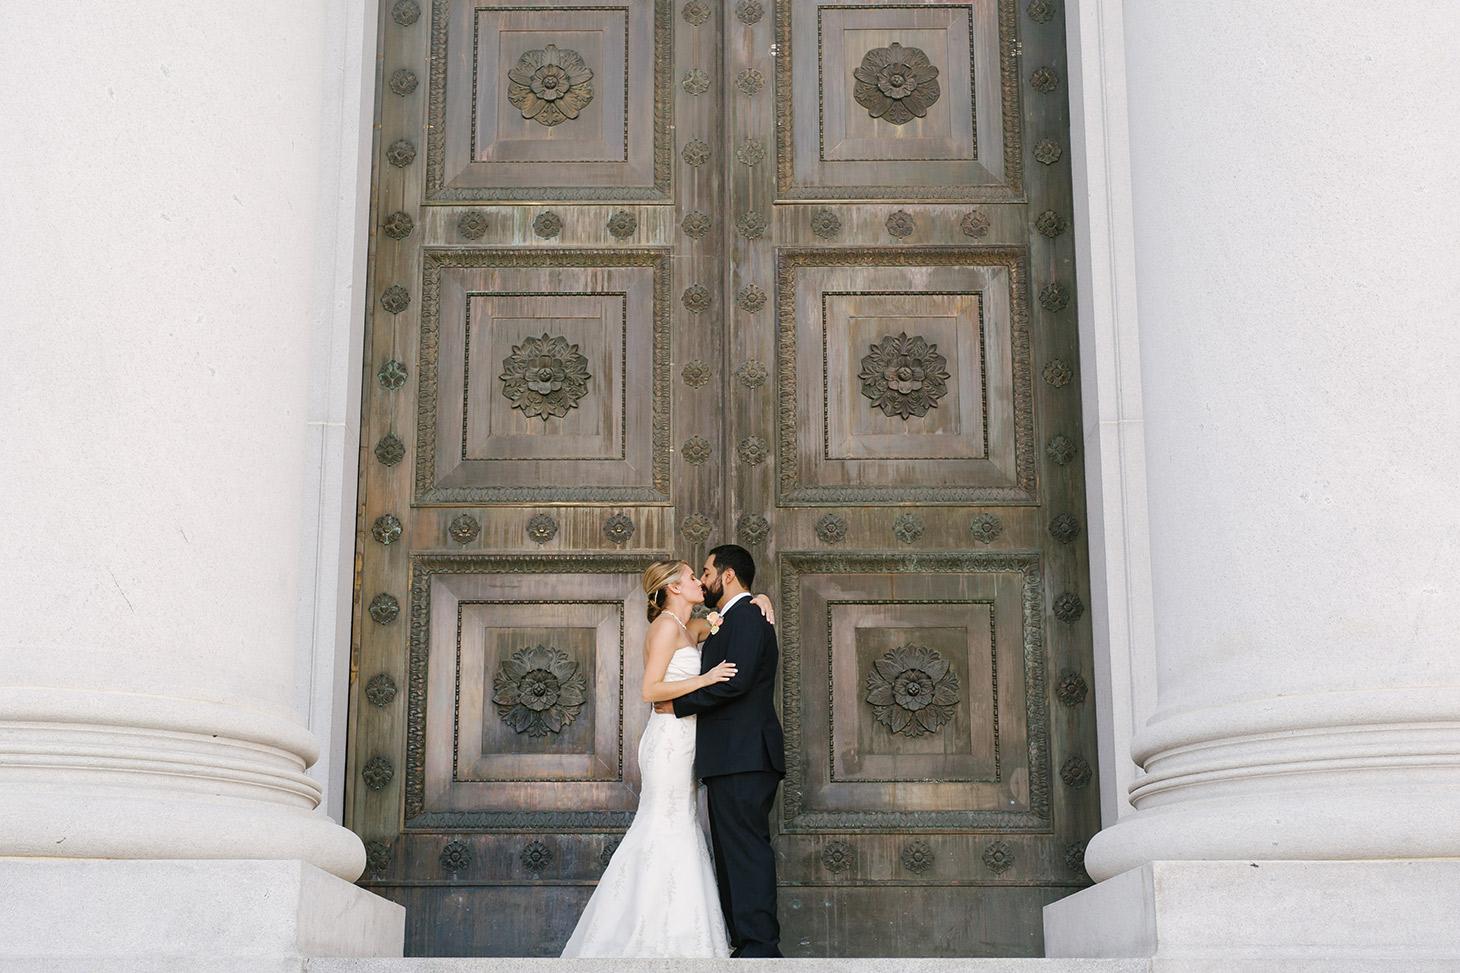 Megan-Newton-Photography-Best-Wedding-Photos-2015-128